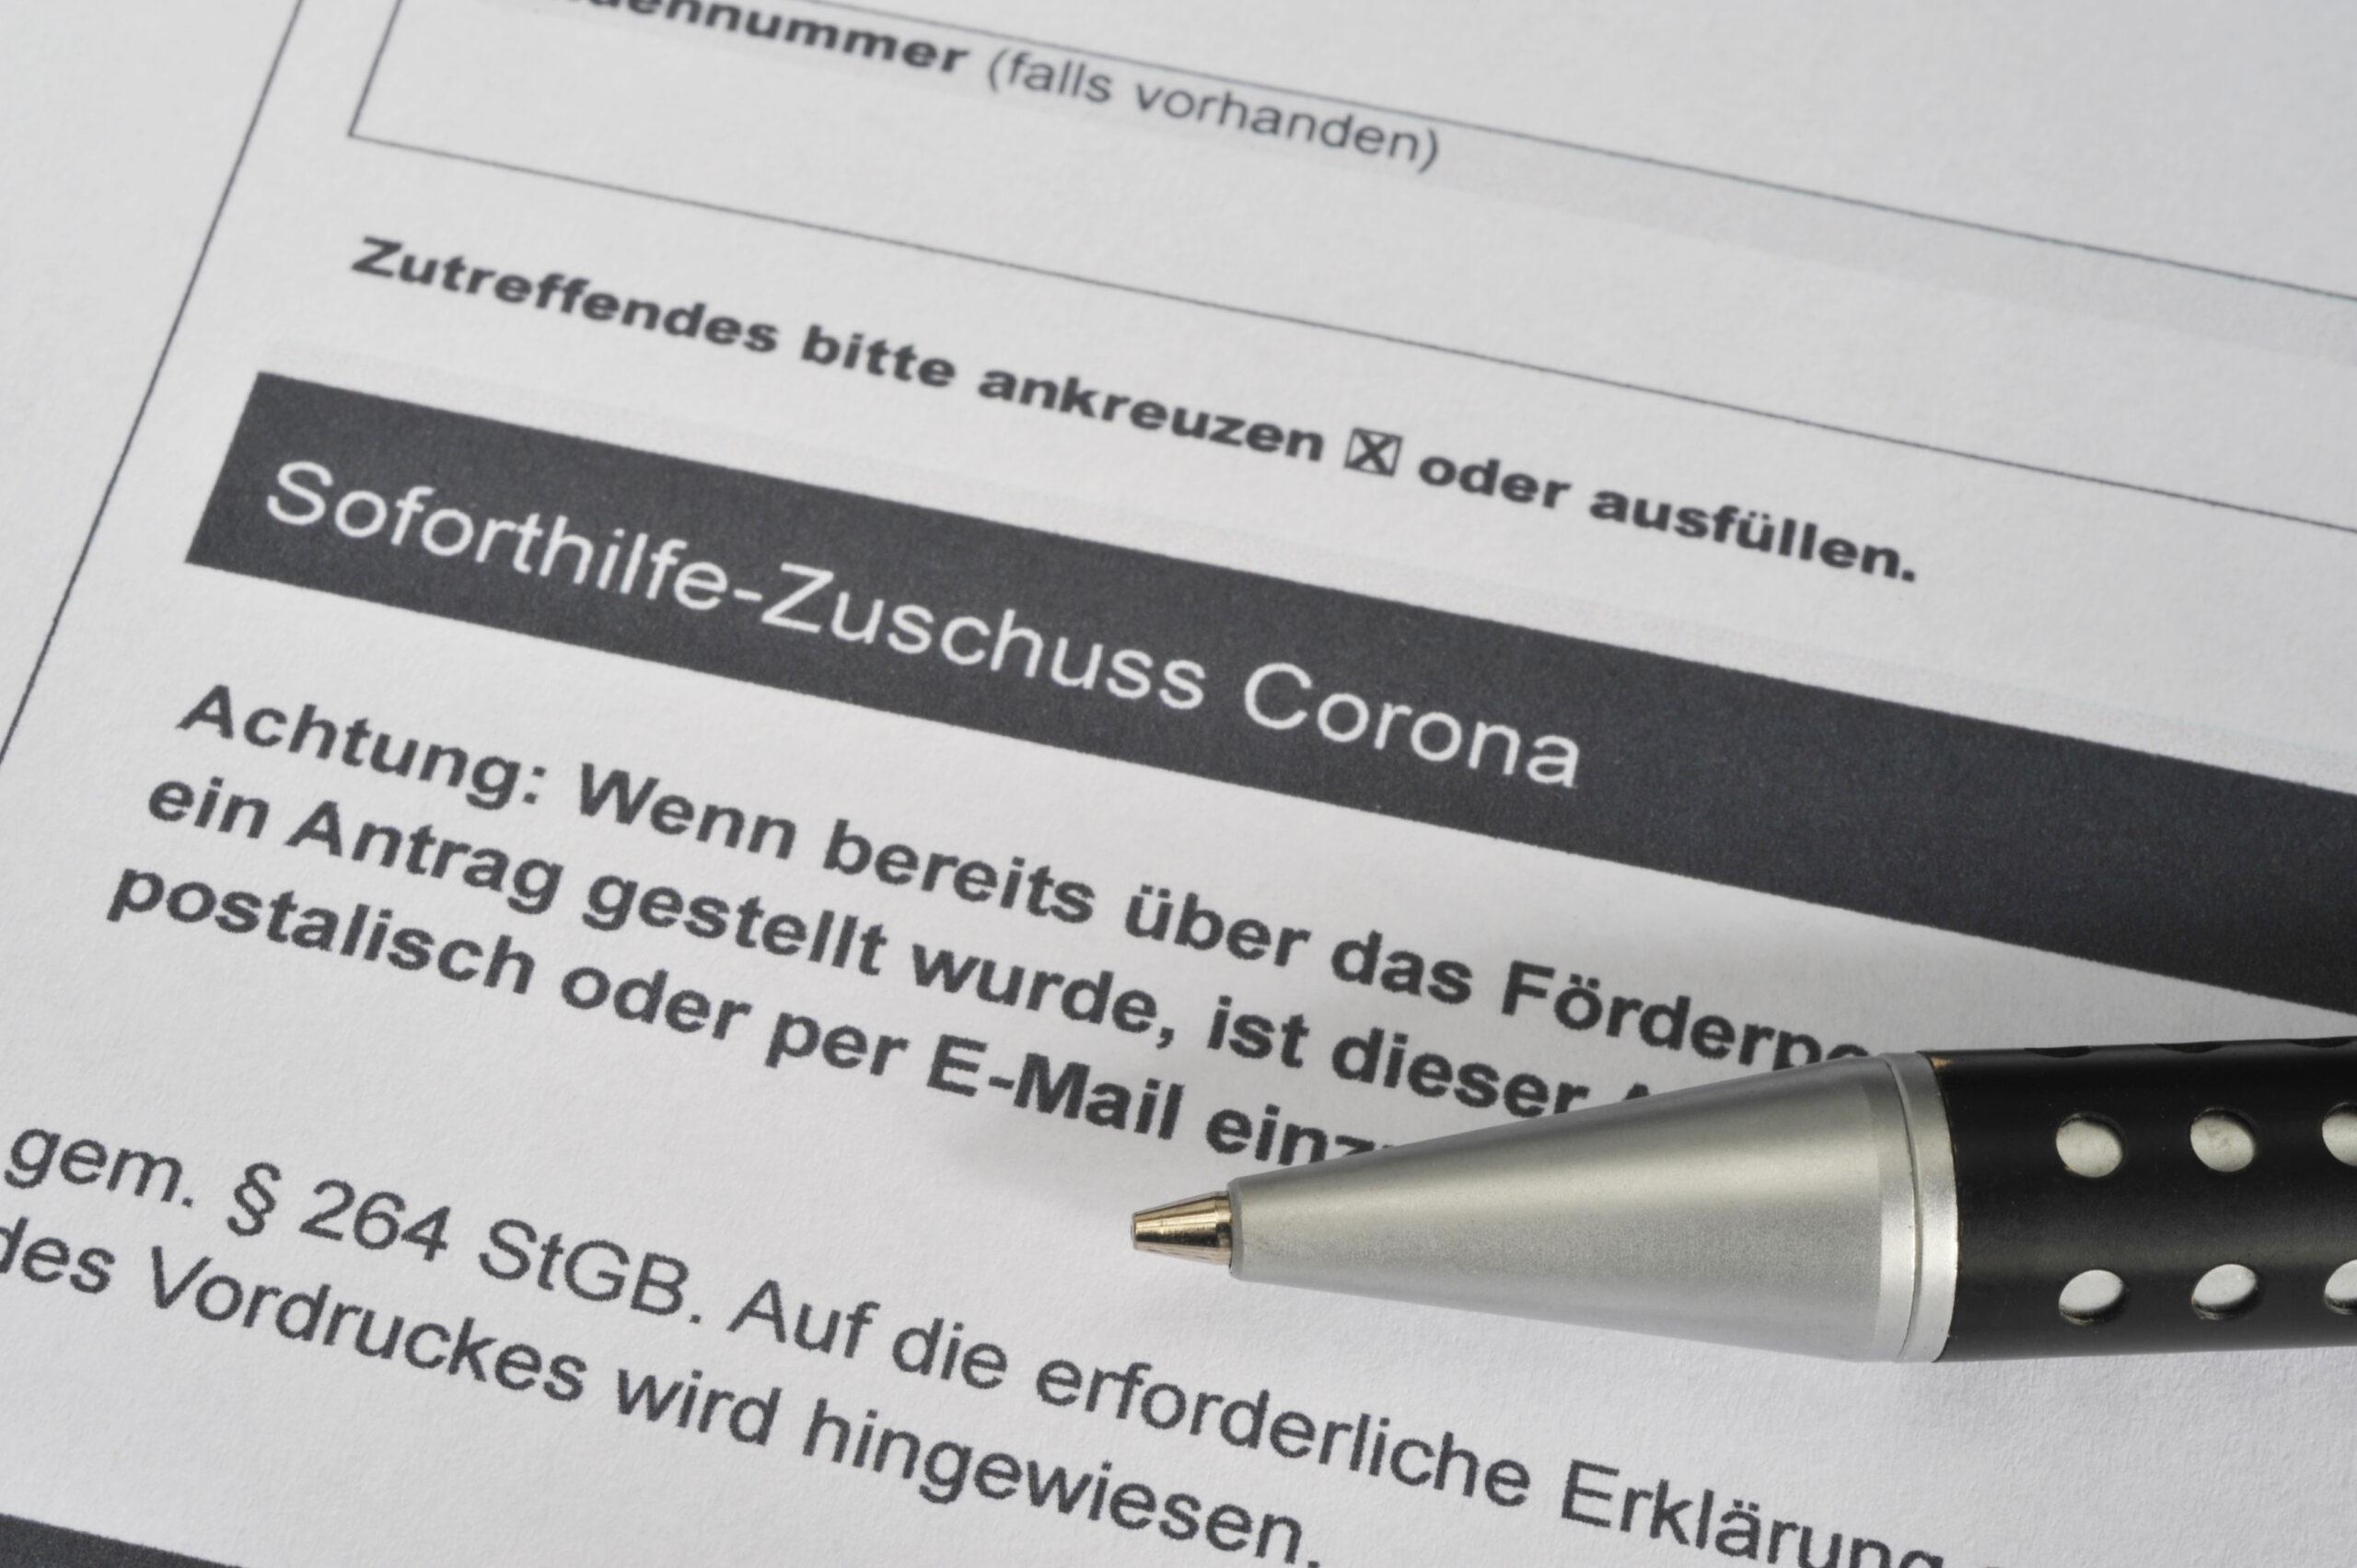 Überbrückungshilfe 3 ermöglicht die Erstattung von Kosten für die Digitalisierung